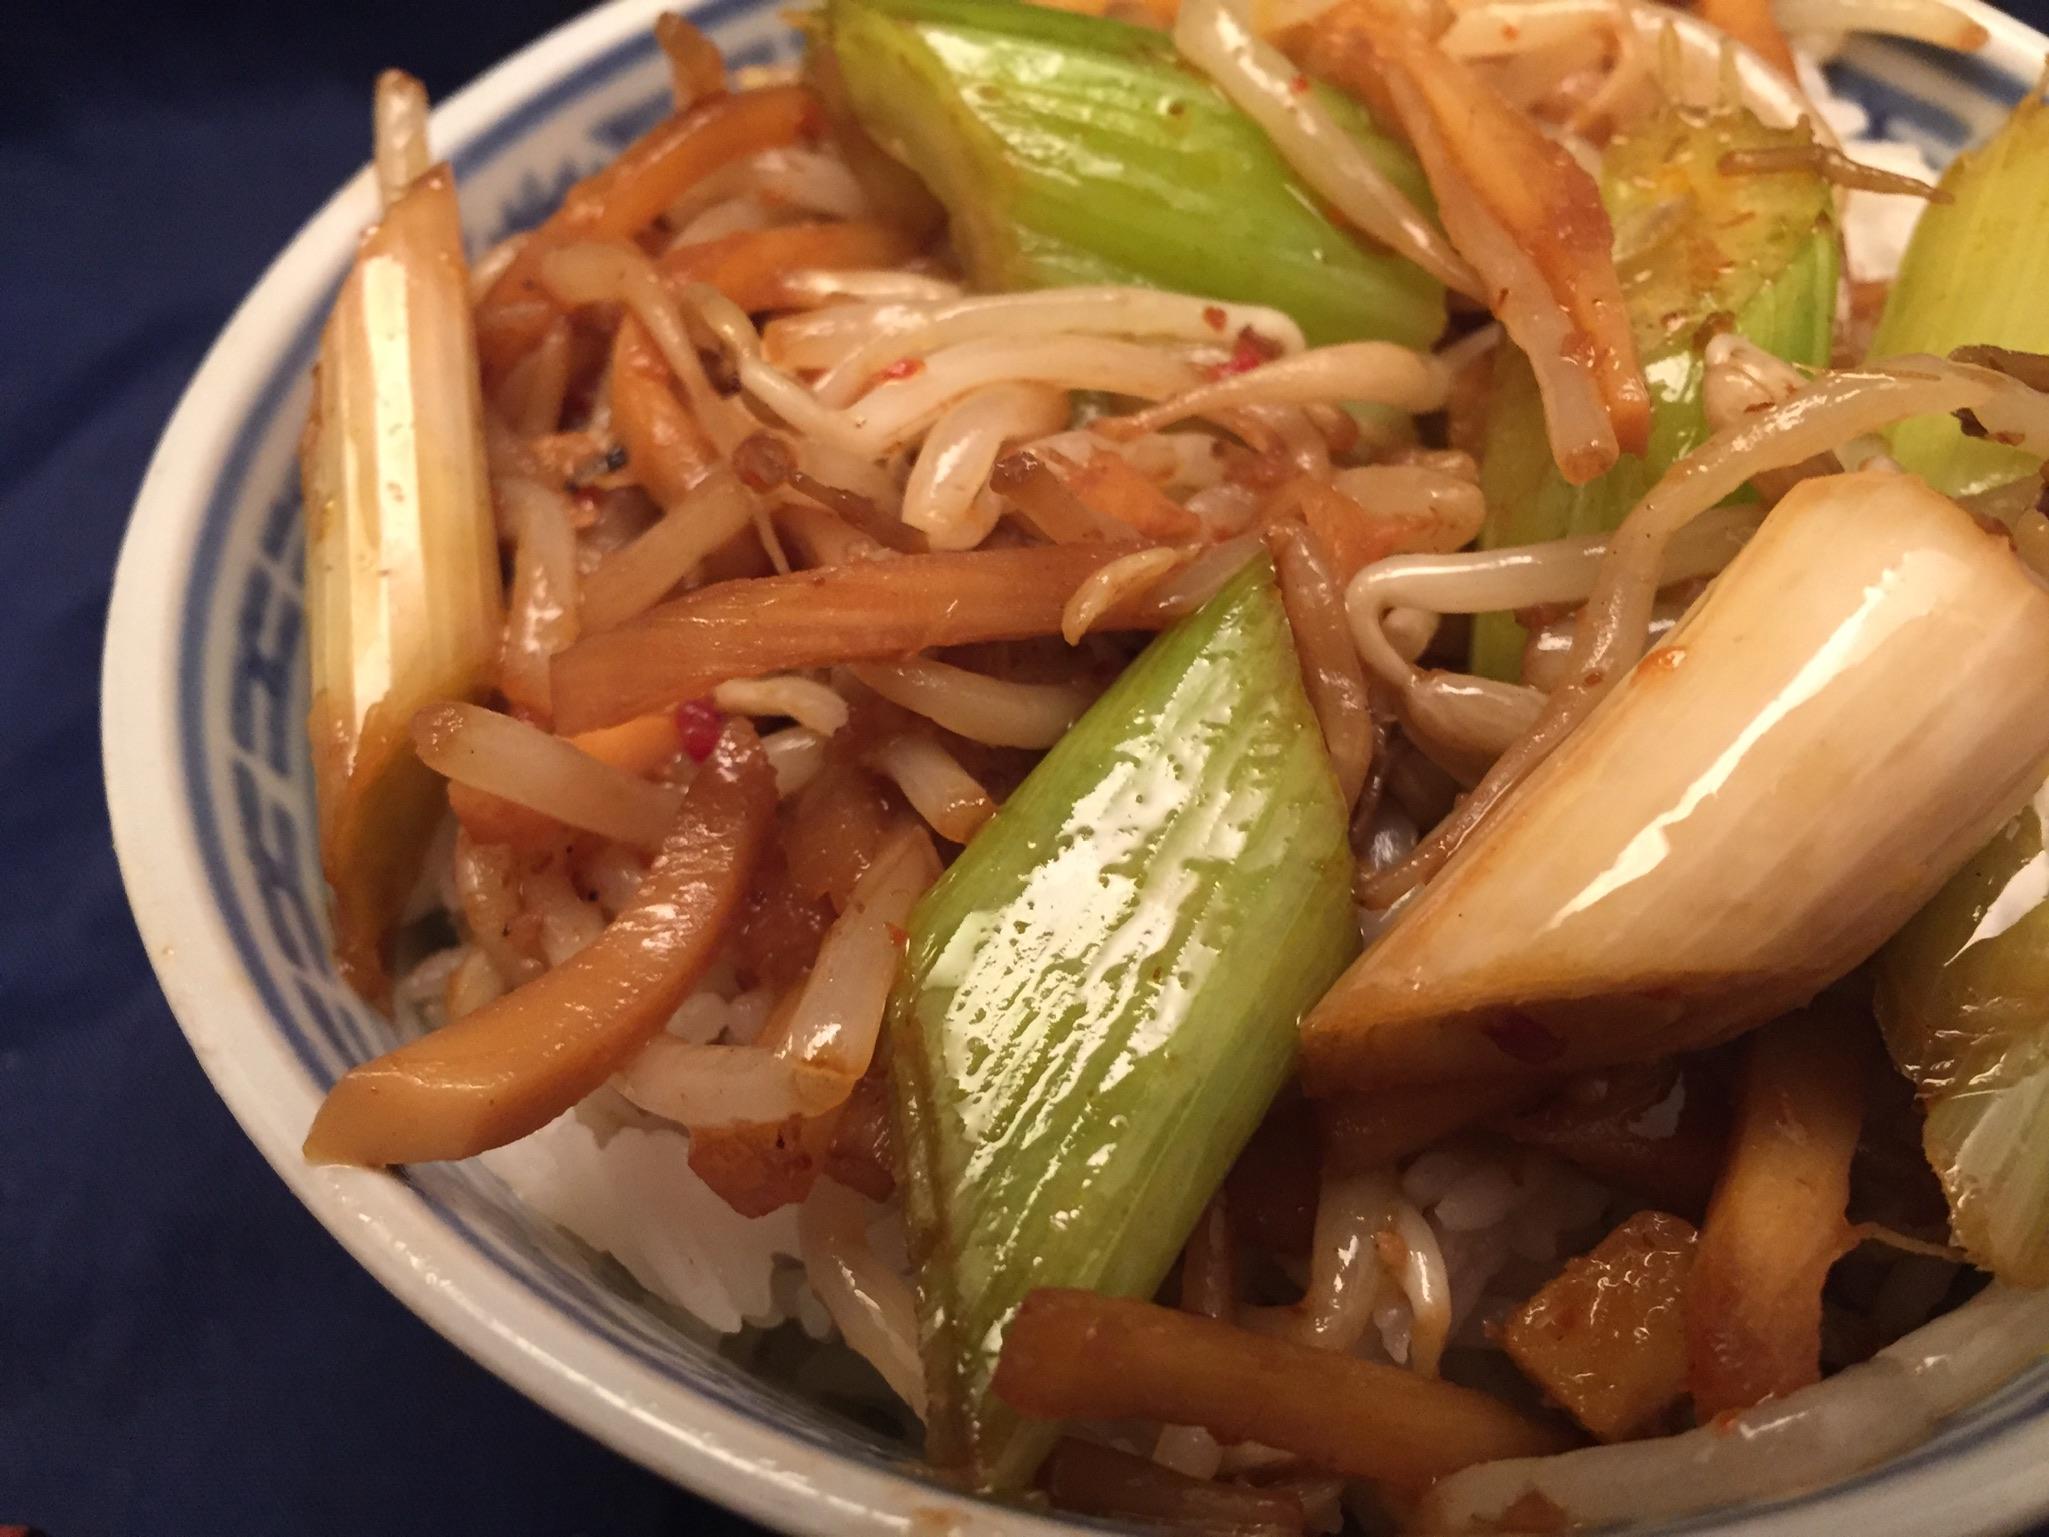 Gemüse, Basmati-Reis und Chili-Sauce